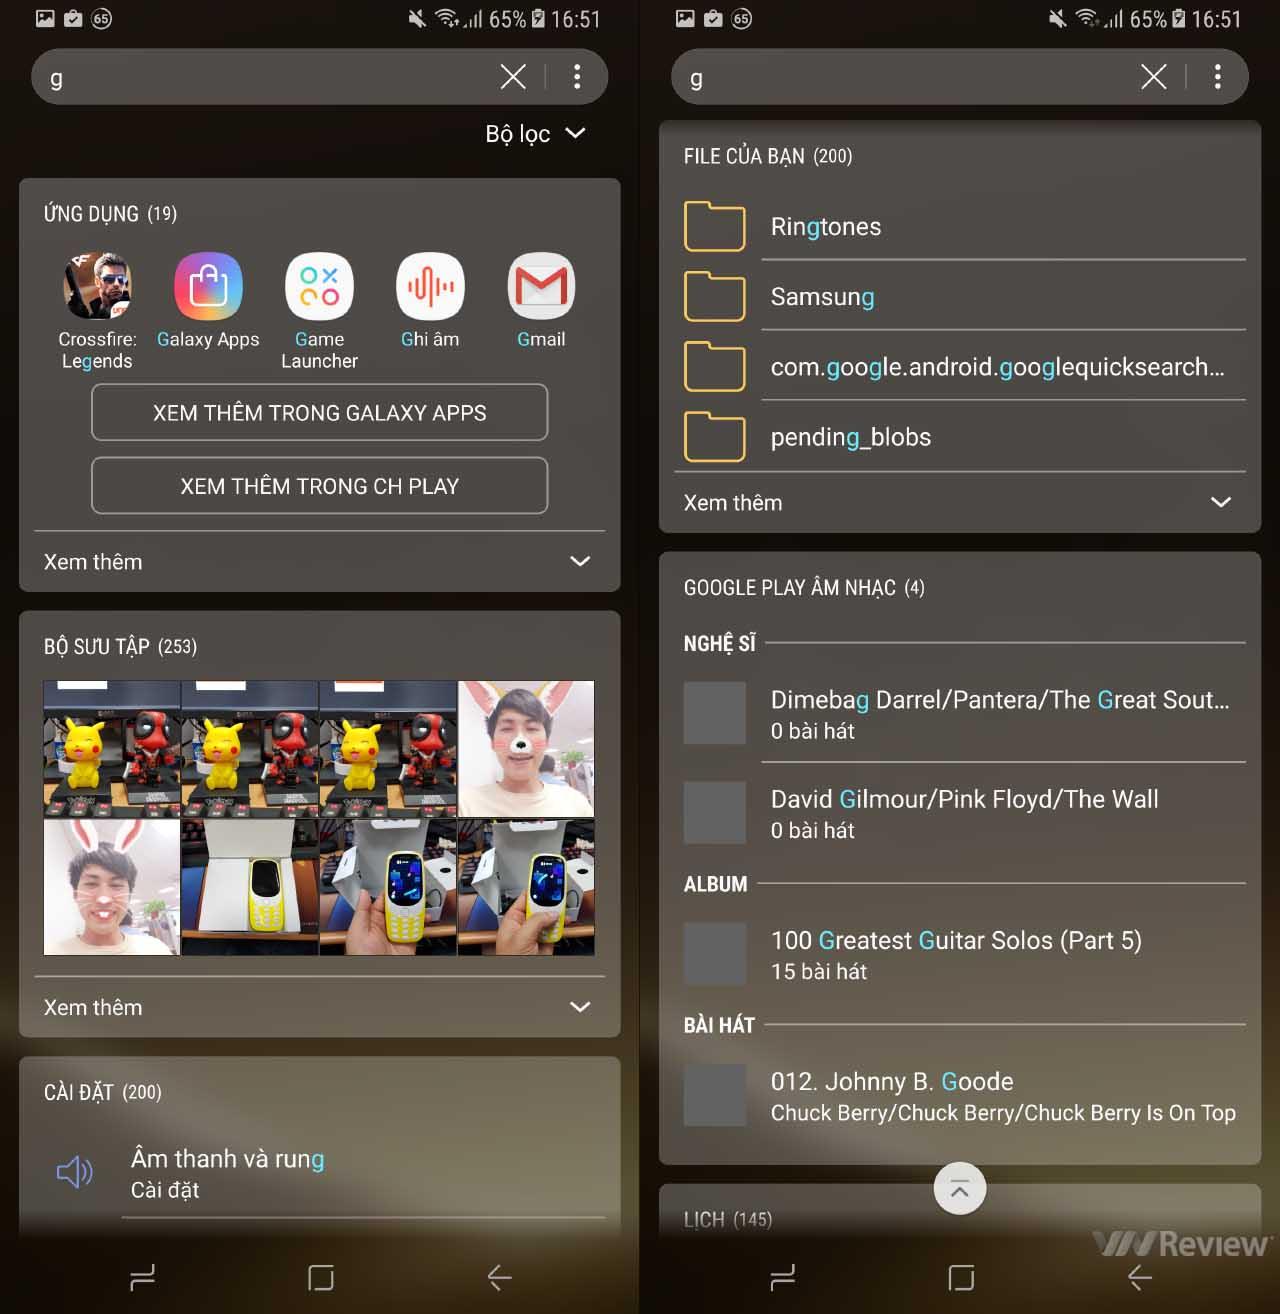 DOANH NHÂN Galaxy S8 và S8+ : về 20c giá nhập RẺ QUYẾN RŨ khách !!! - 40